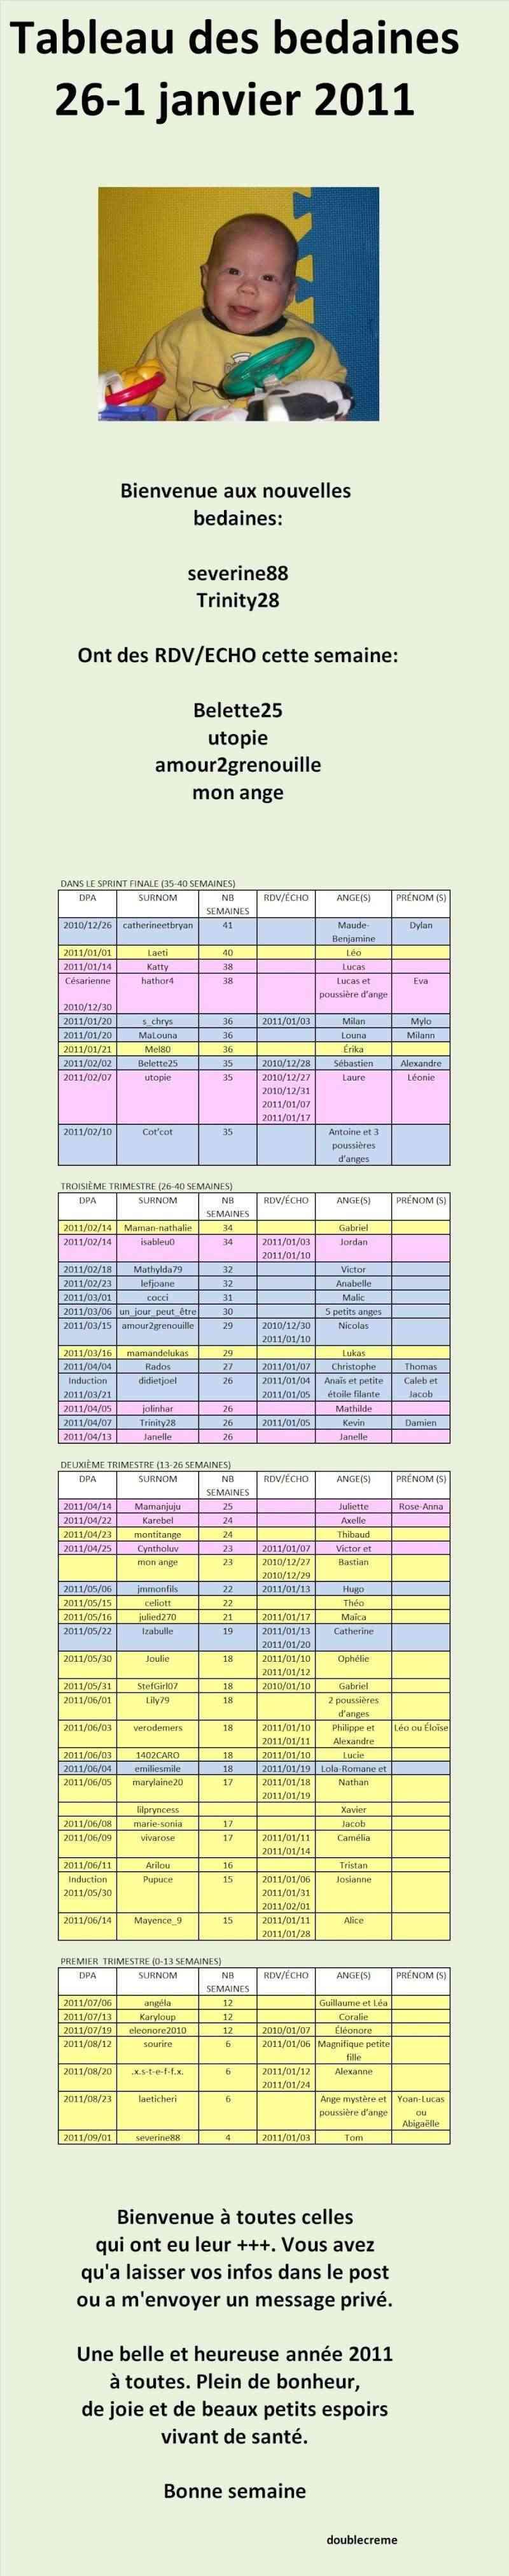 Tableau des bedaines du 26-1 janvier 2011 Tablea27